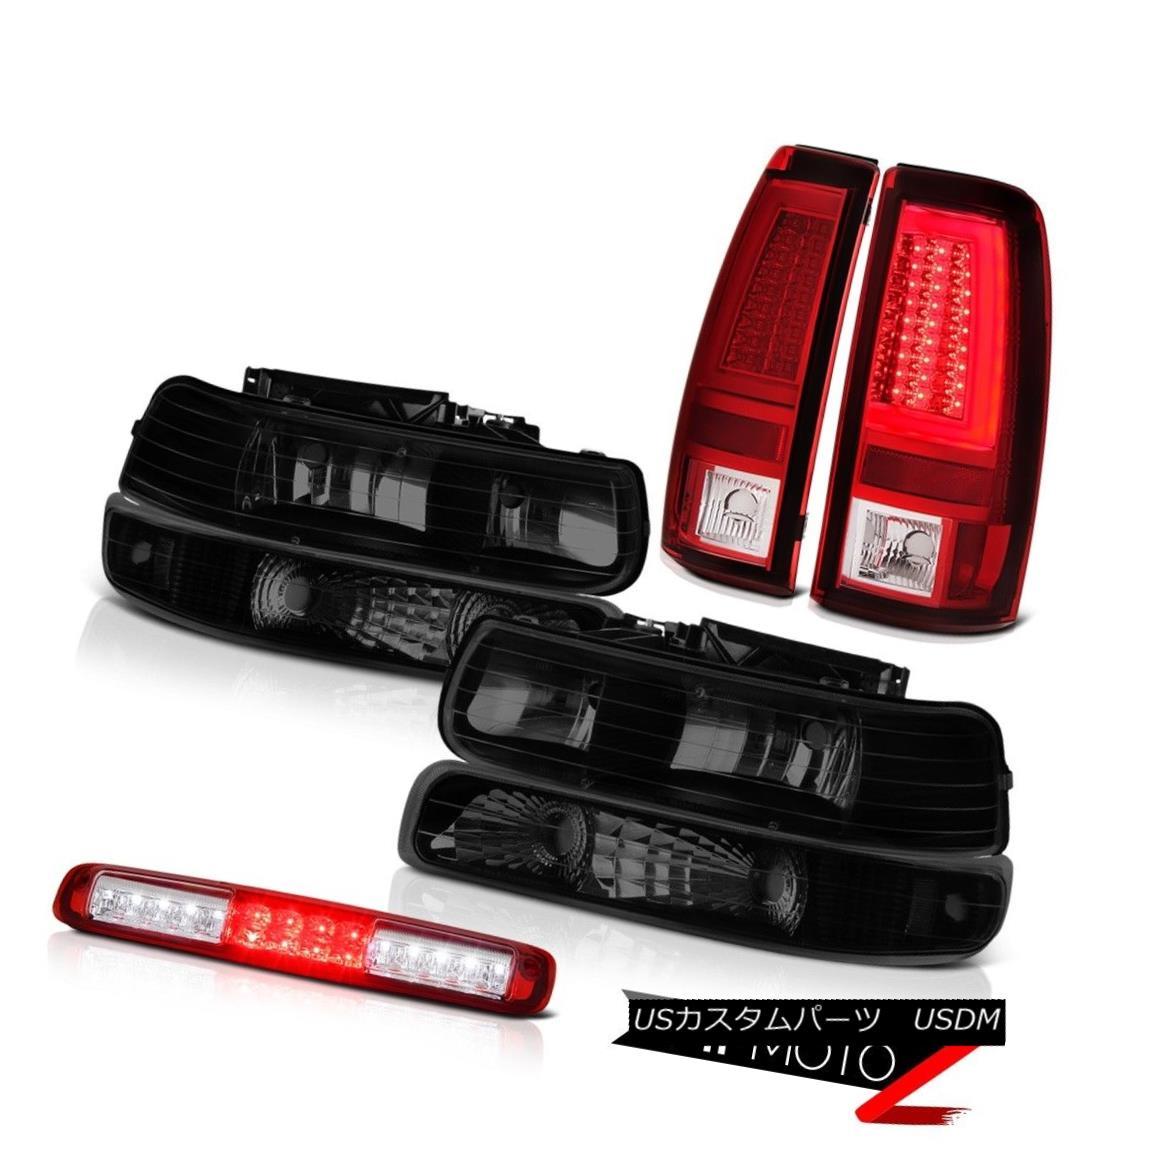 ヘッドライト 1999-2002 Silverado LTZ Red Taillamps Headlamps Bumper High Stop Lamp OLED Prism 1999-2002 Silverado LTZレッドタイルランプヘッドランプバンパーハイストップランプOLEDプリズム